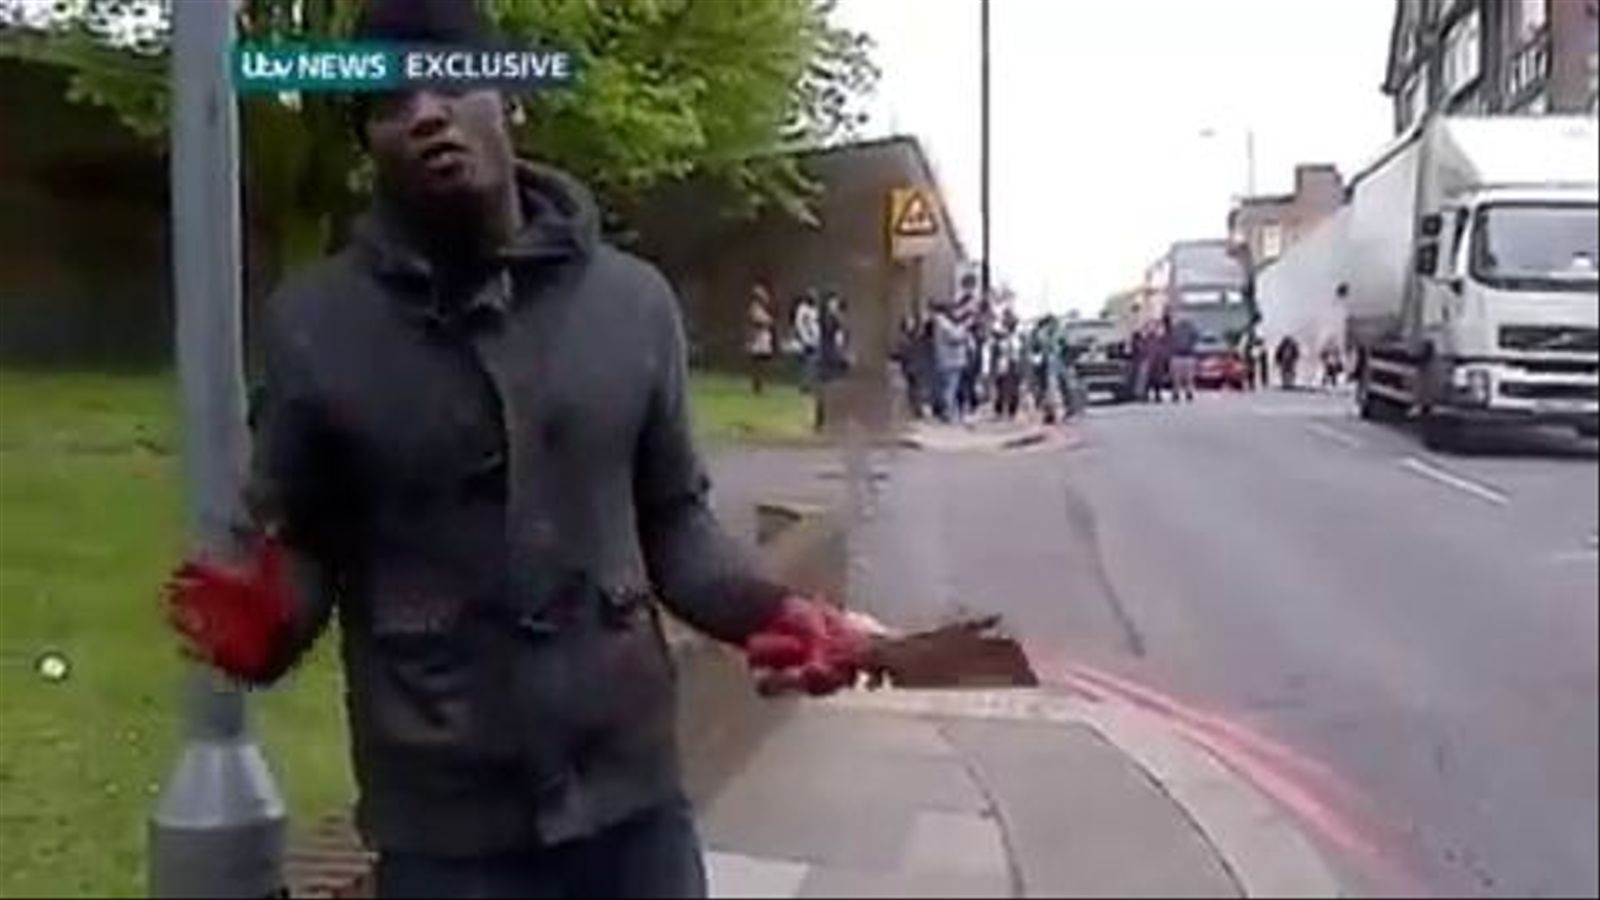 Un home, decapitat a Londres en un presumpte acte terrorista